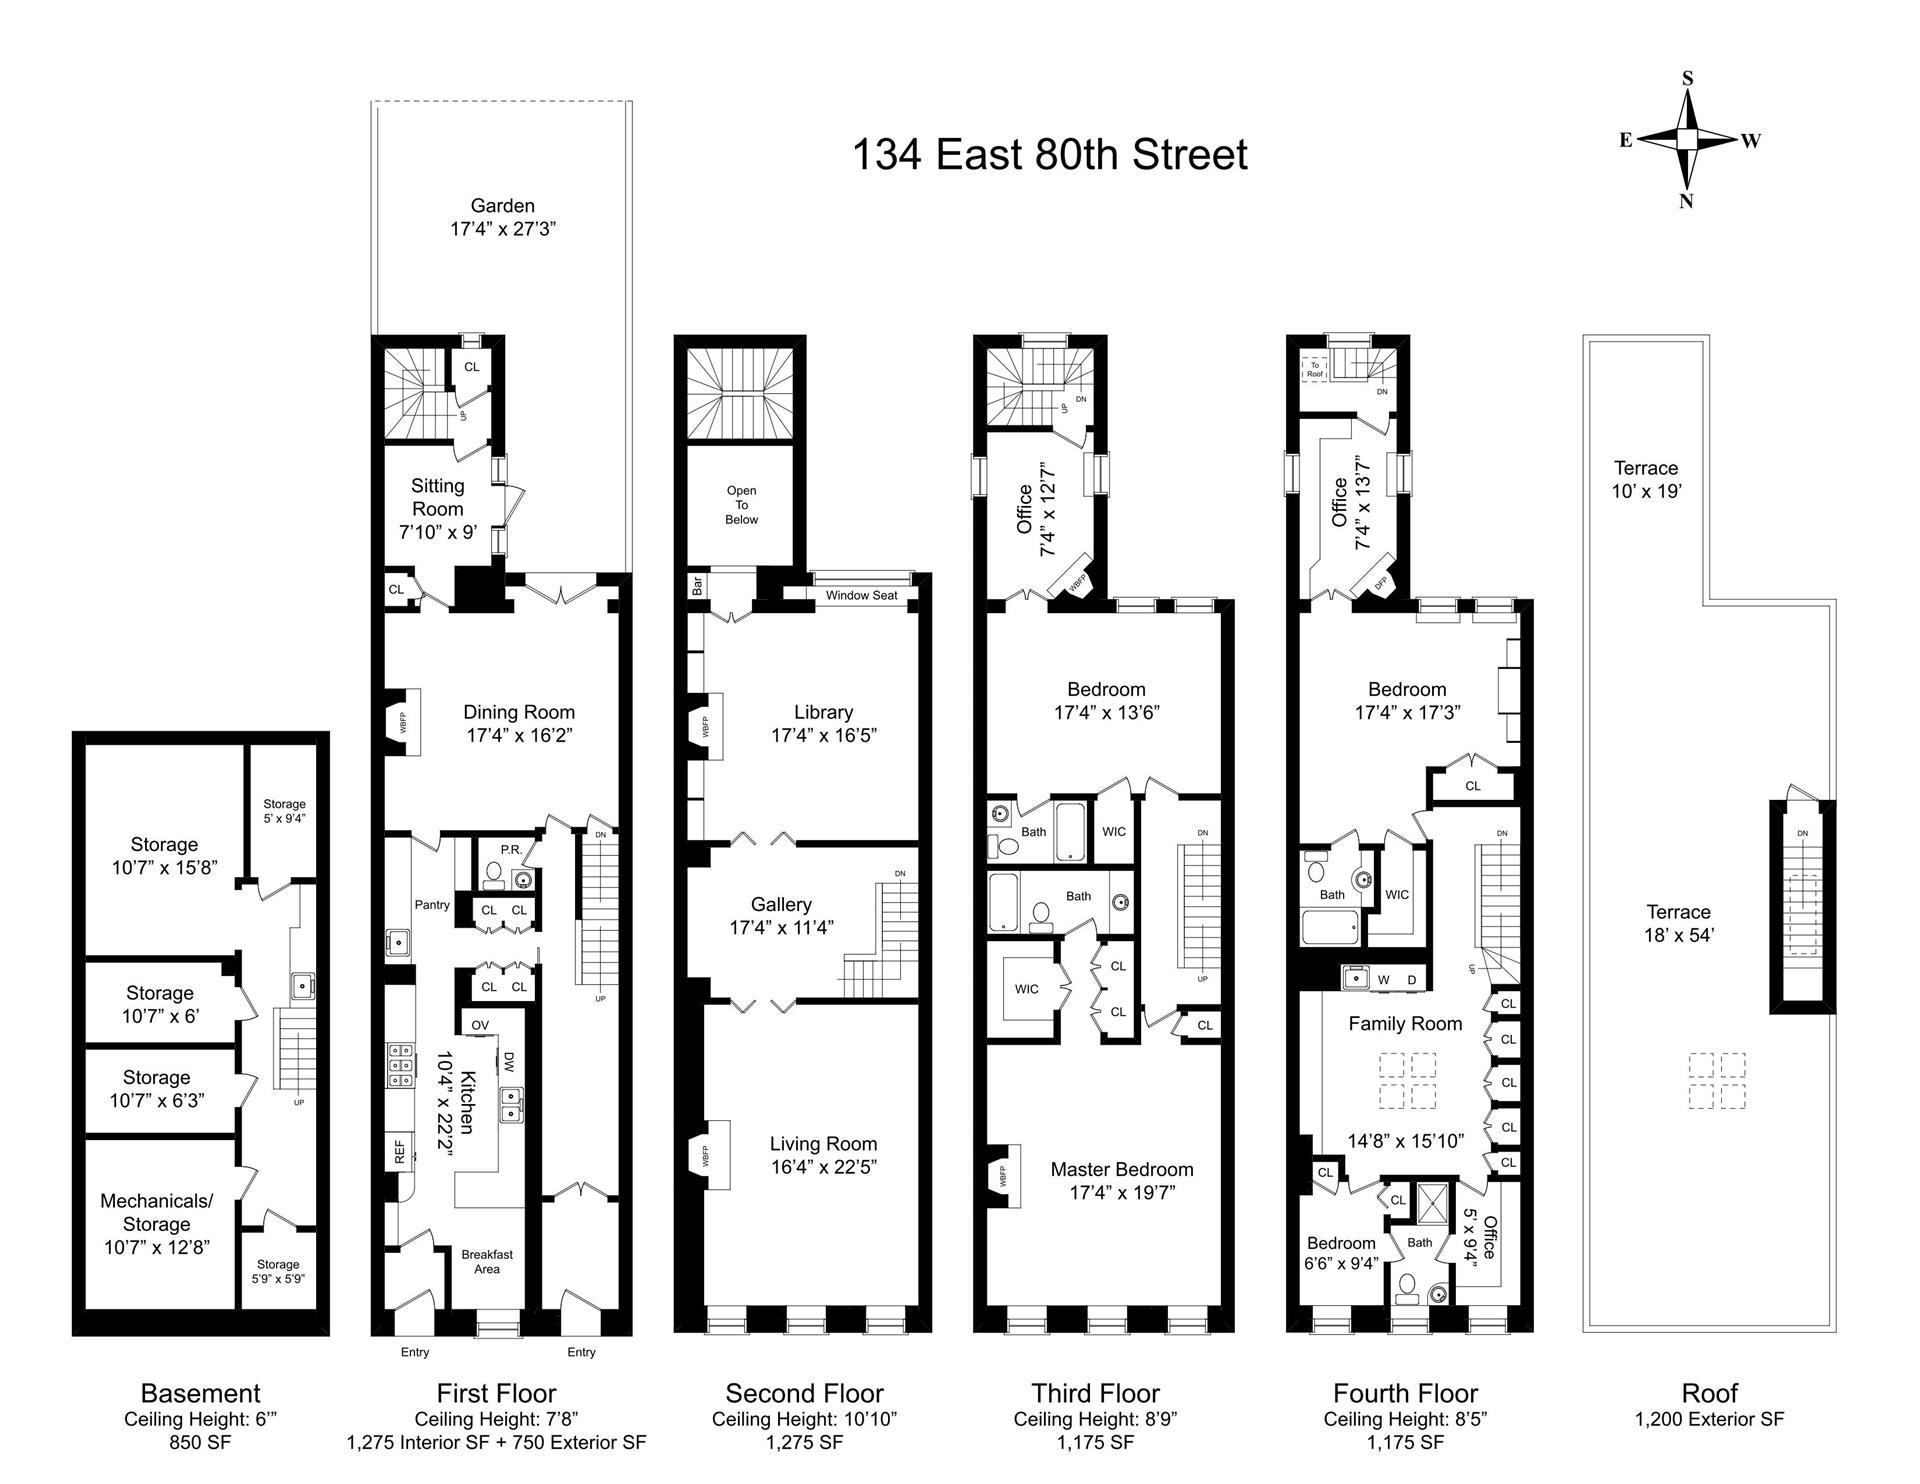 Floor plan of 134 East 80th St - Upper East Side, New York